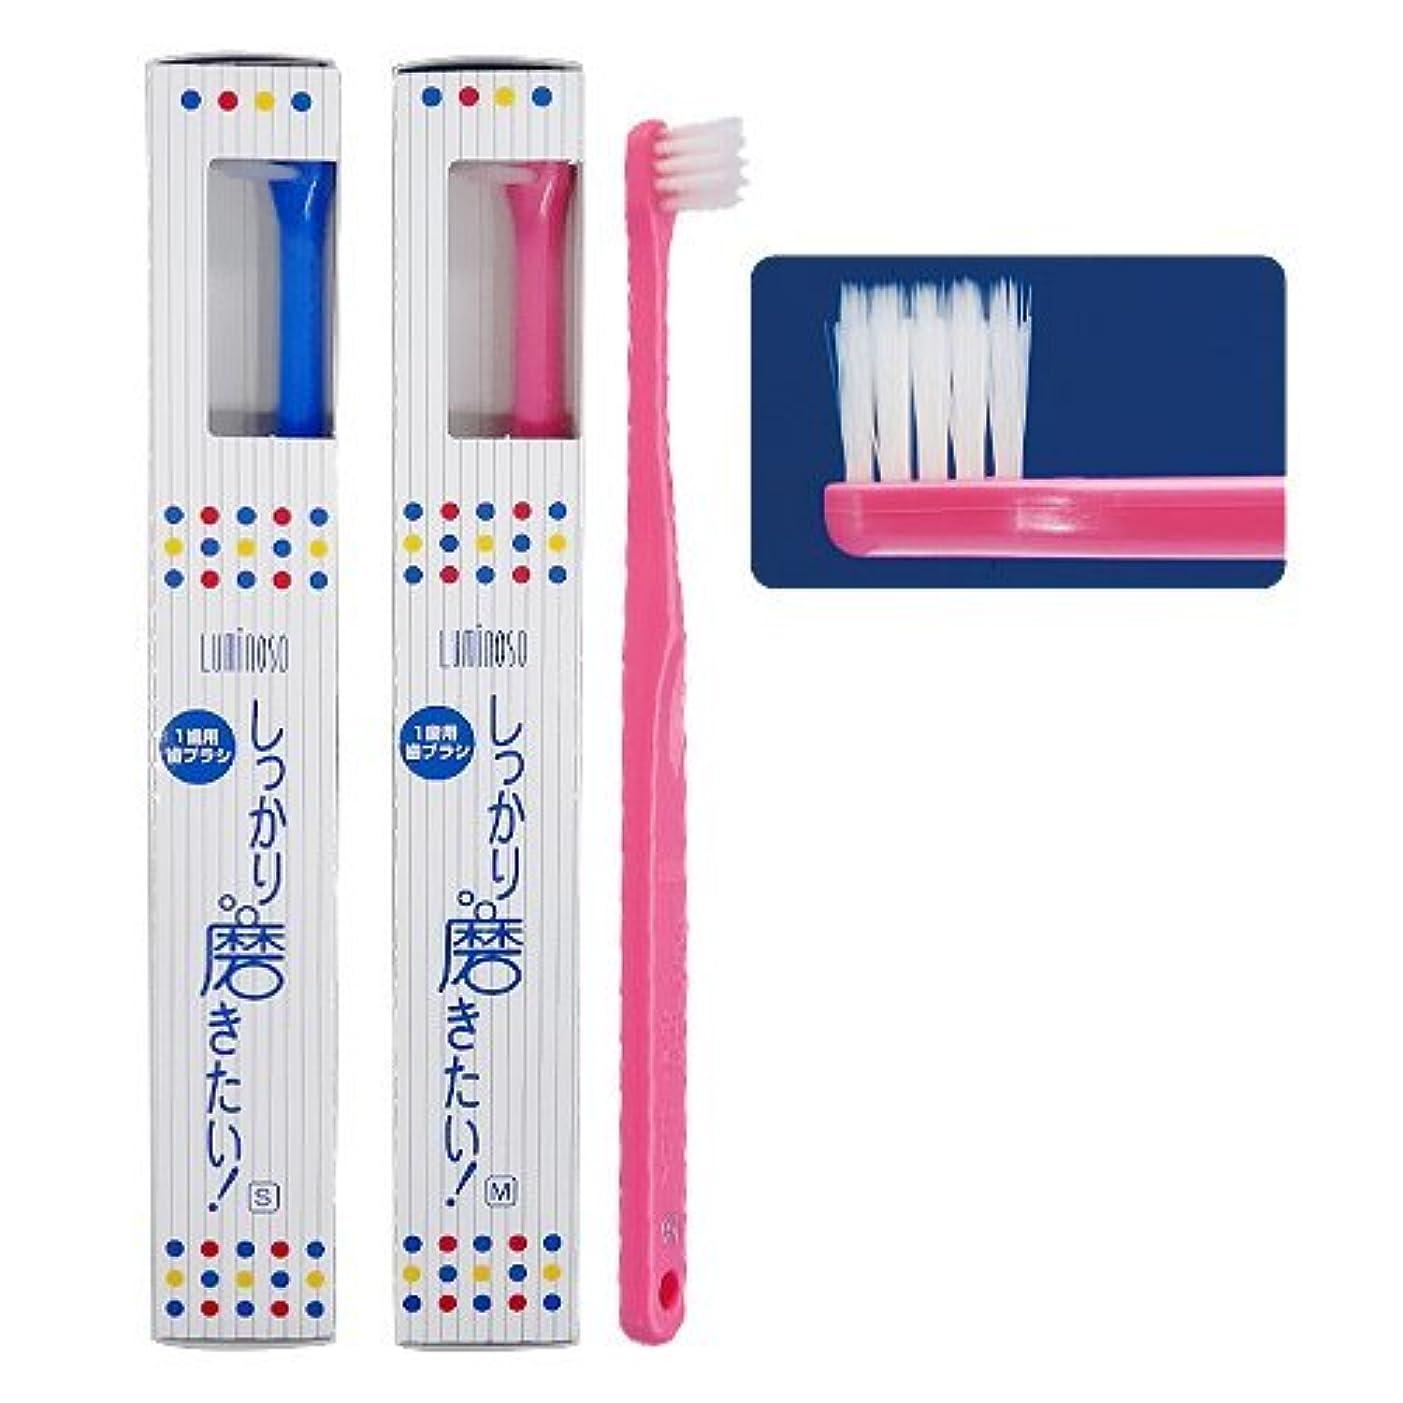 達成顕微鏡グリースルミノソ 1歯用歯ブラシ「しっかり磨きたい!」スタンダード ソフト (カラー指定不可) 5本